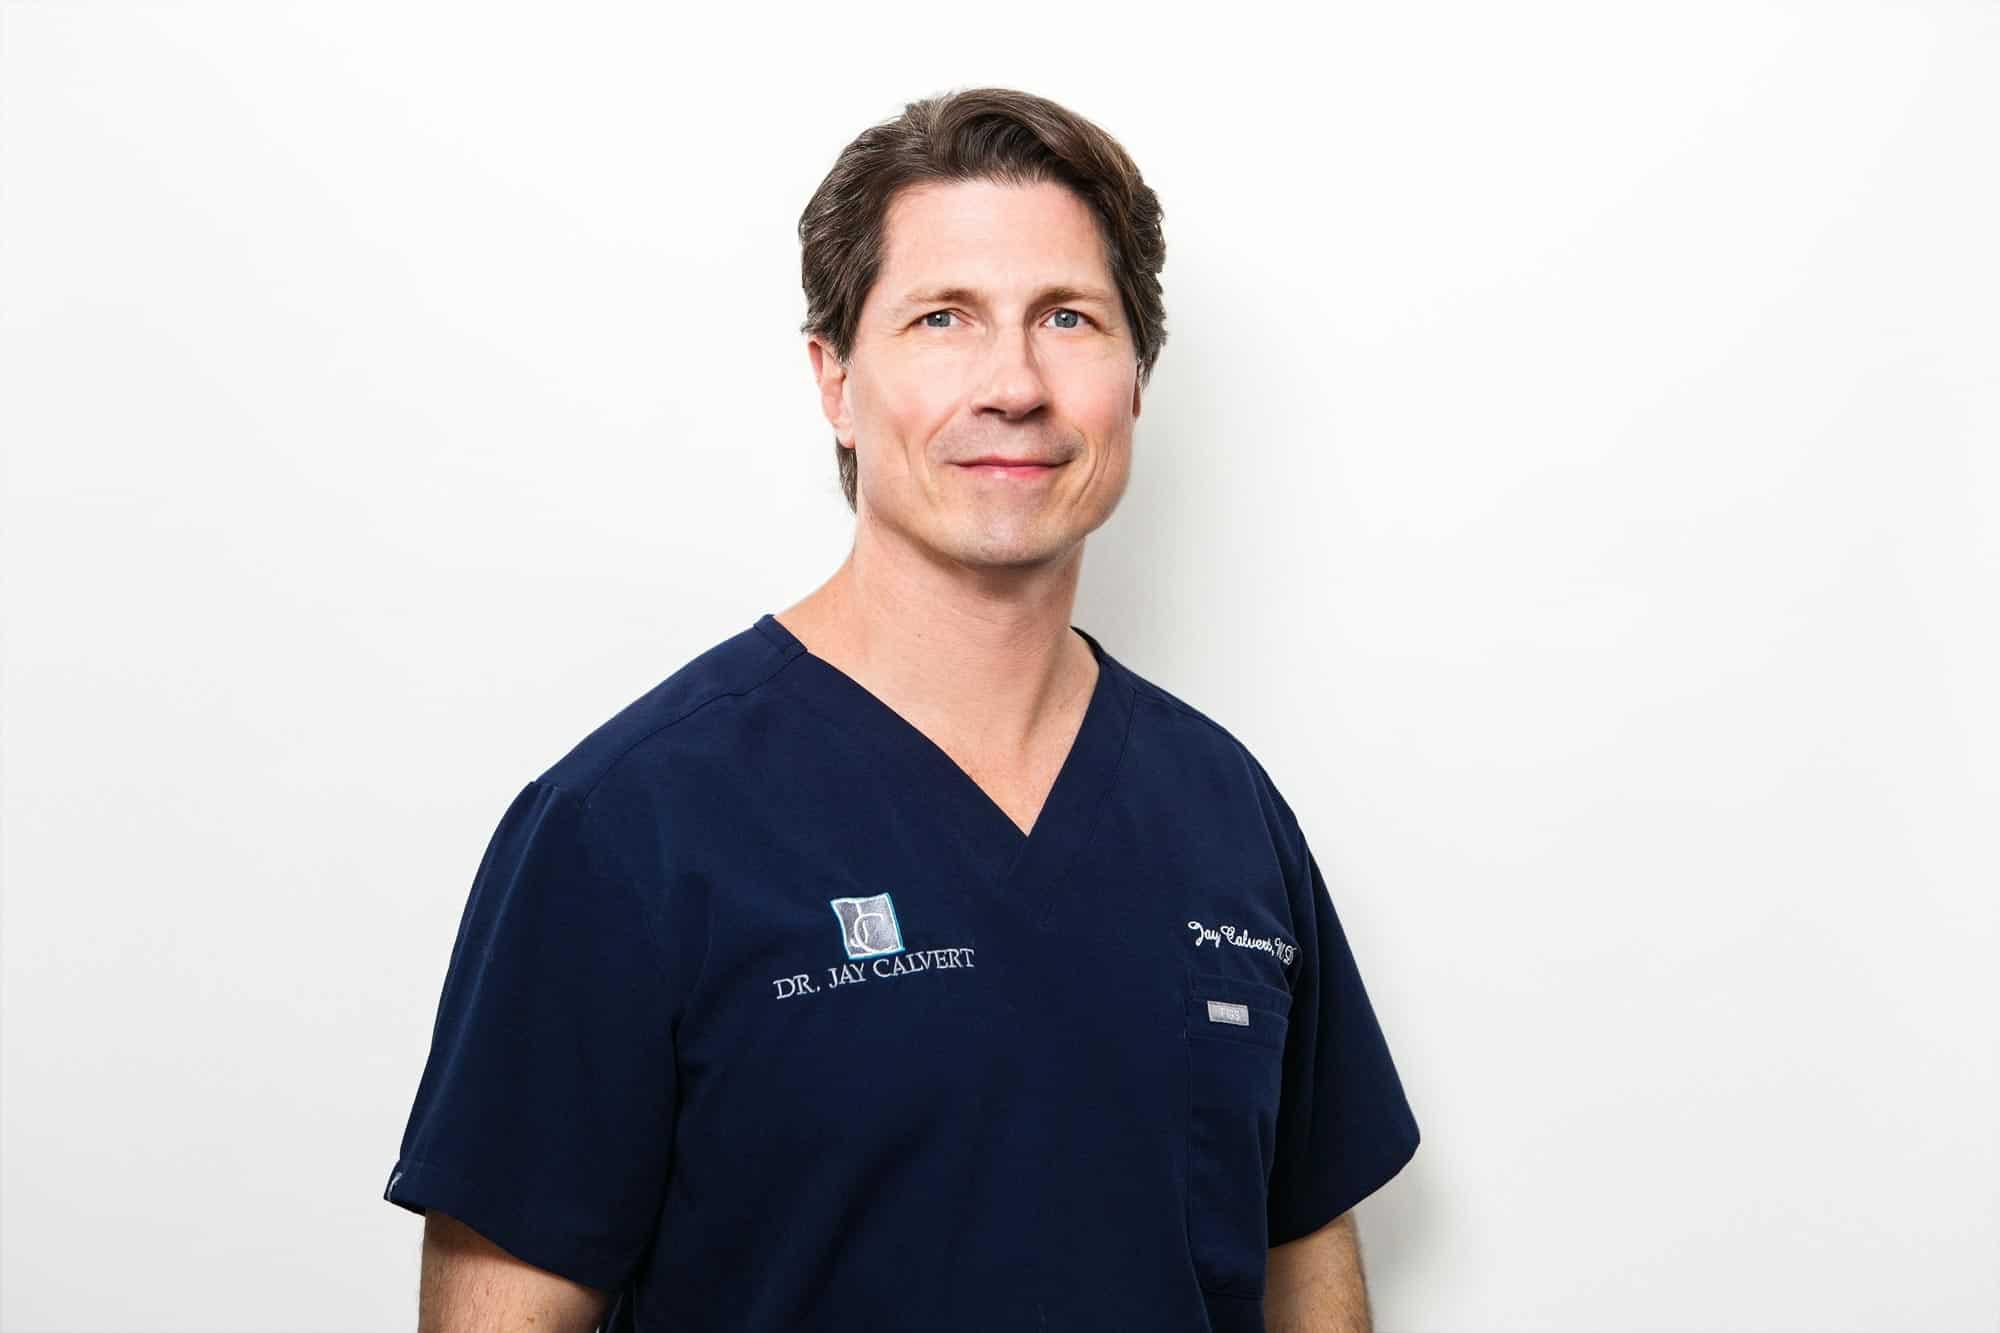 Jay Calvert MD, FACS